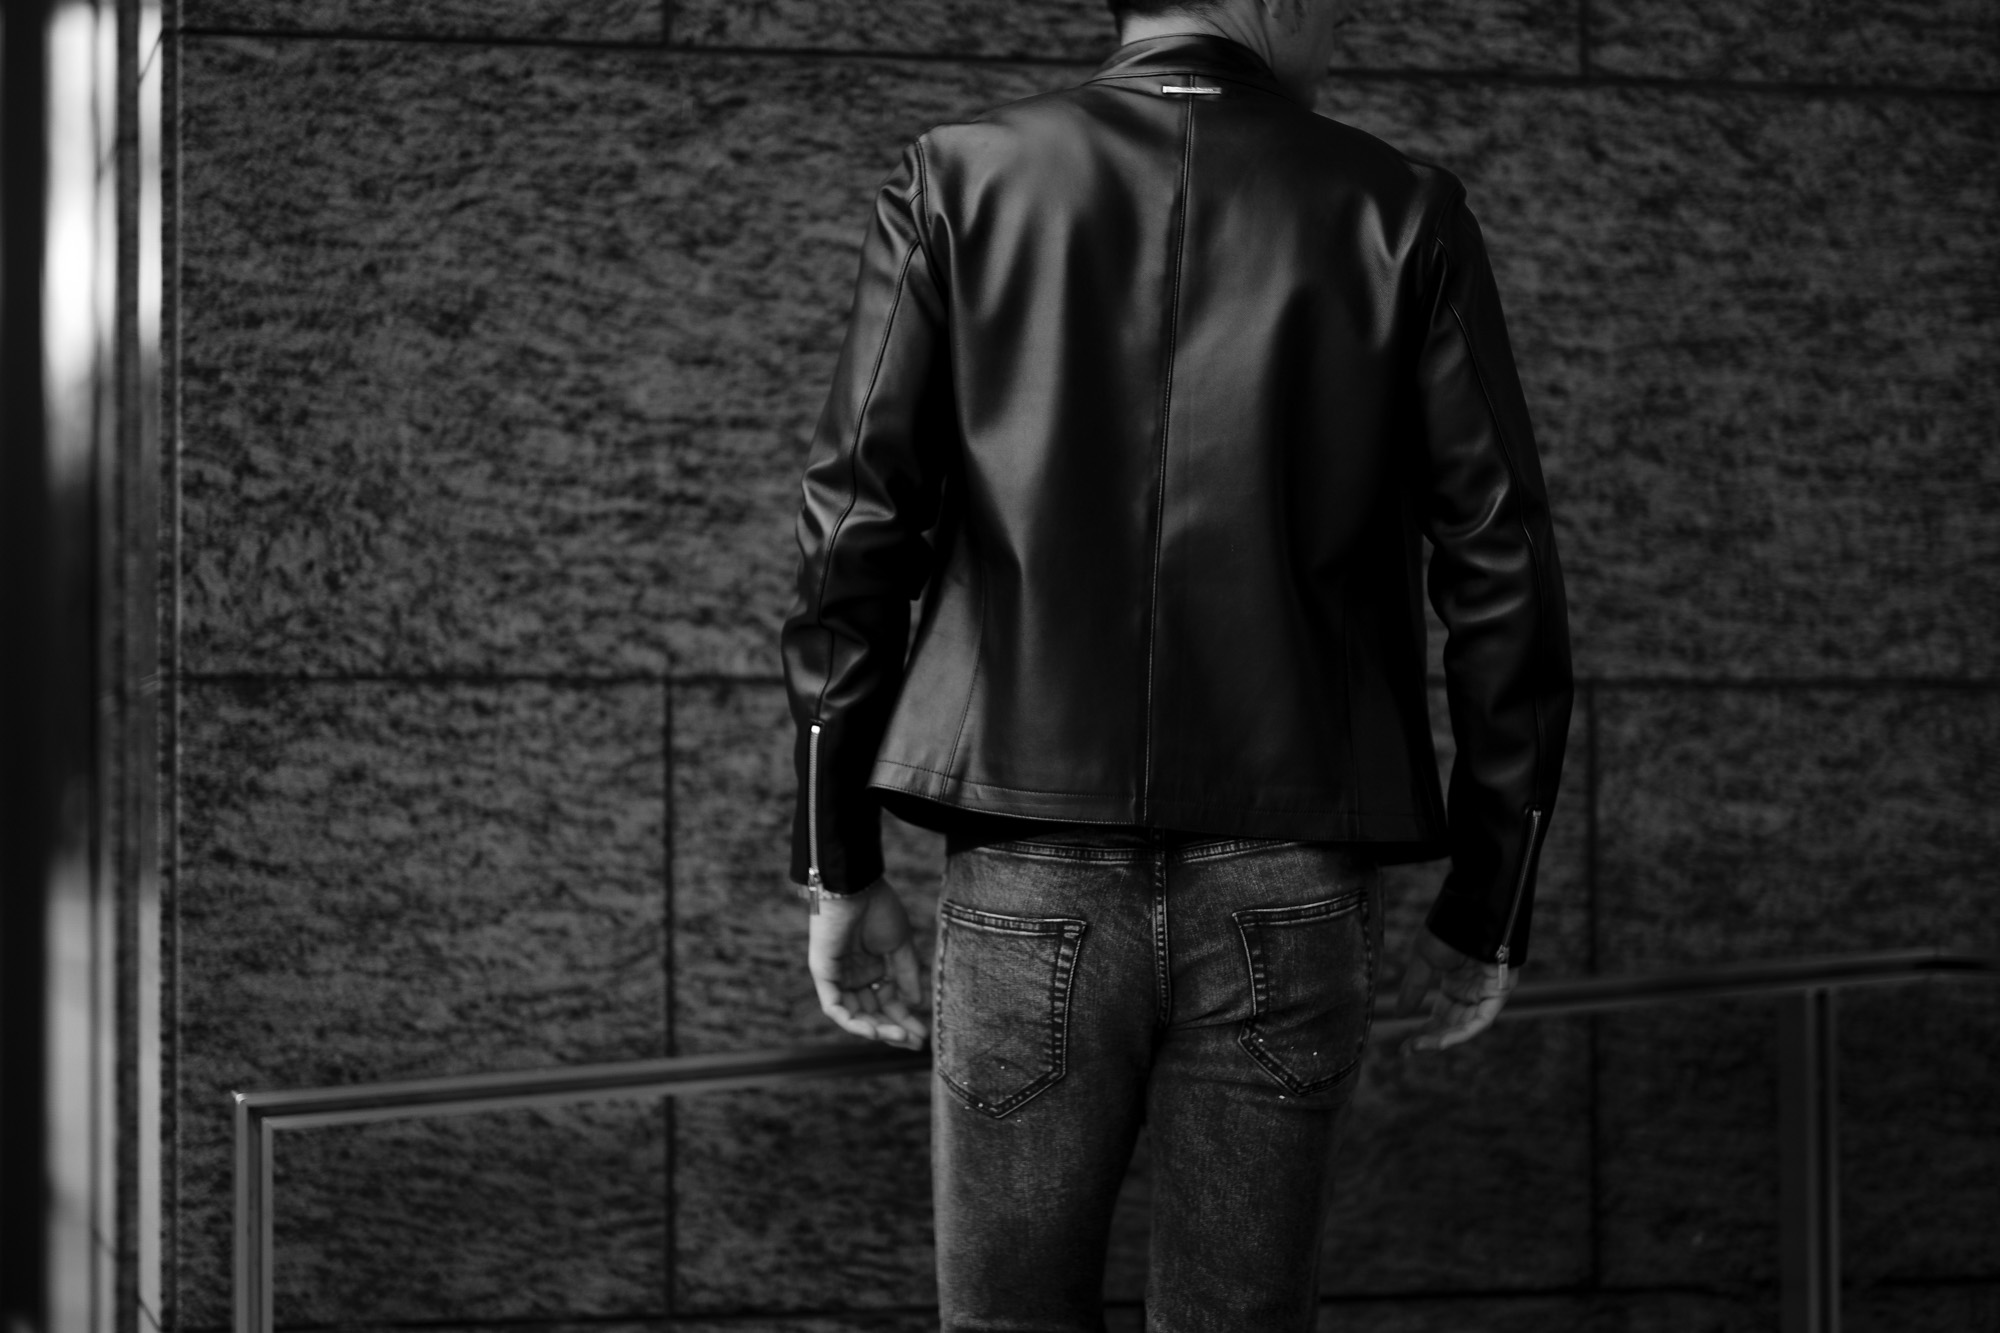 Georges de Patricia ジョルジュドパトリシア Carrera カレラ 925 STERLING SILVER 925 スターリングシルバー Super Soft Sheepskin シングル ライダース ジャケット NOIR ブラック 2021 愛知 名古屋 altoediritto アルトエデリット レザージャケット ライダースジャケット